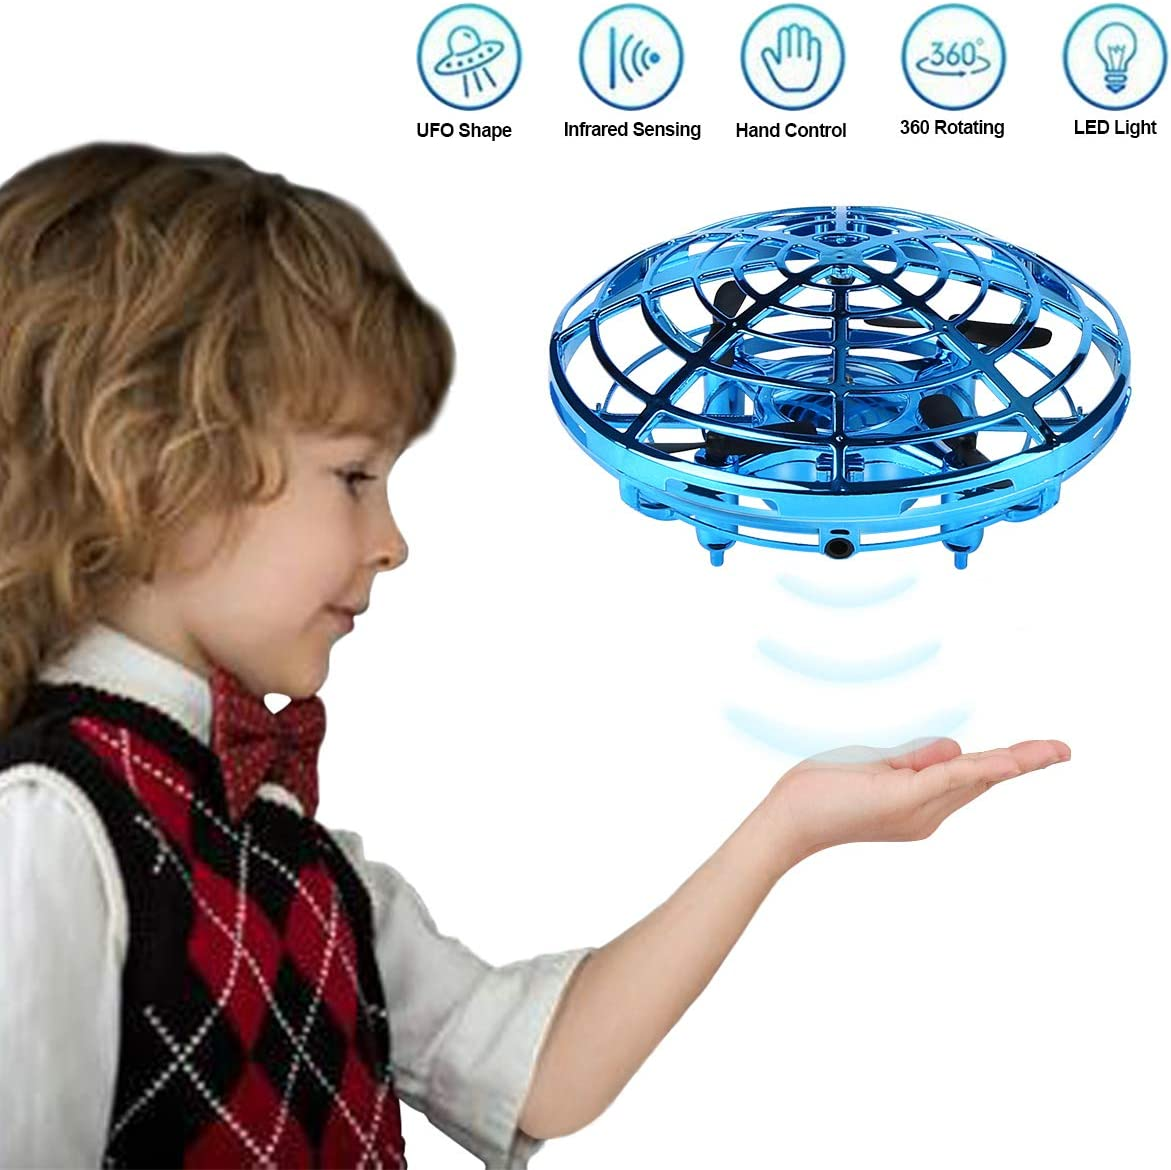 Mini Drone UFO para Niños - 360° Rotación Avión Volador Juguete - Recargable Flying Helicóptero de Bola Voladora Interactiva Controlada a Mano para Niños Adultos (Azul)